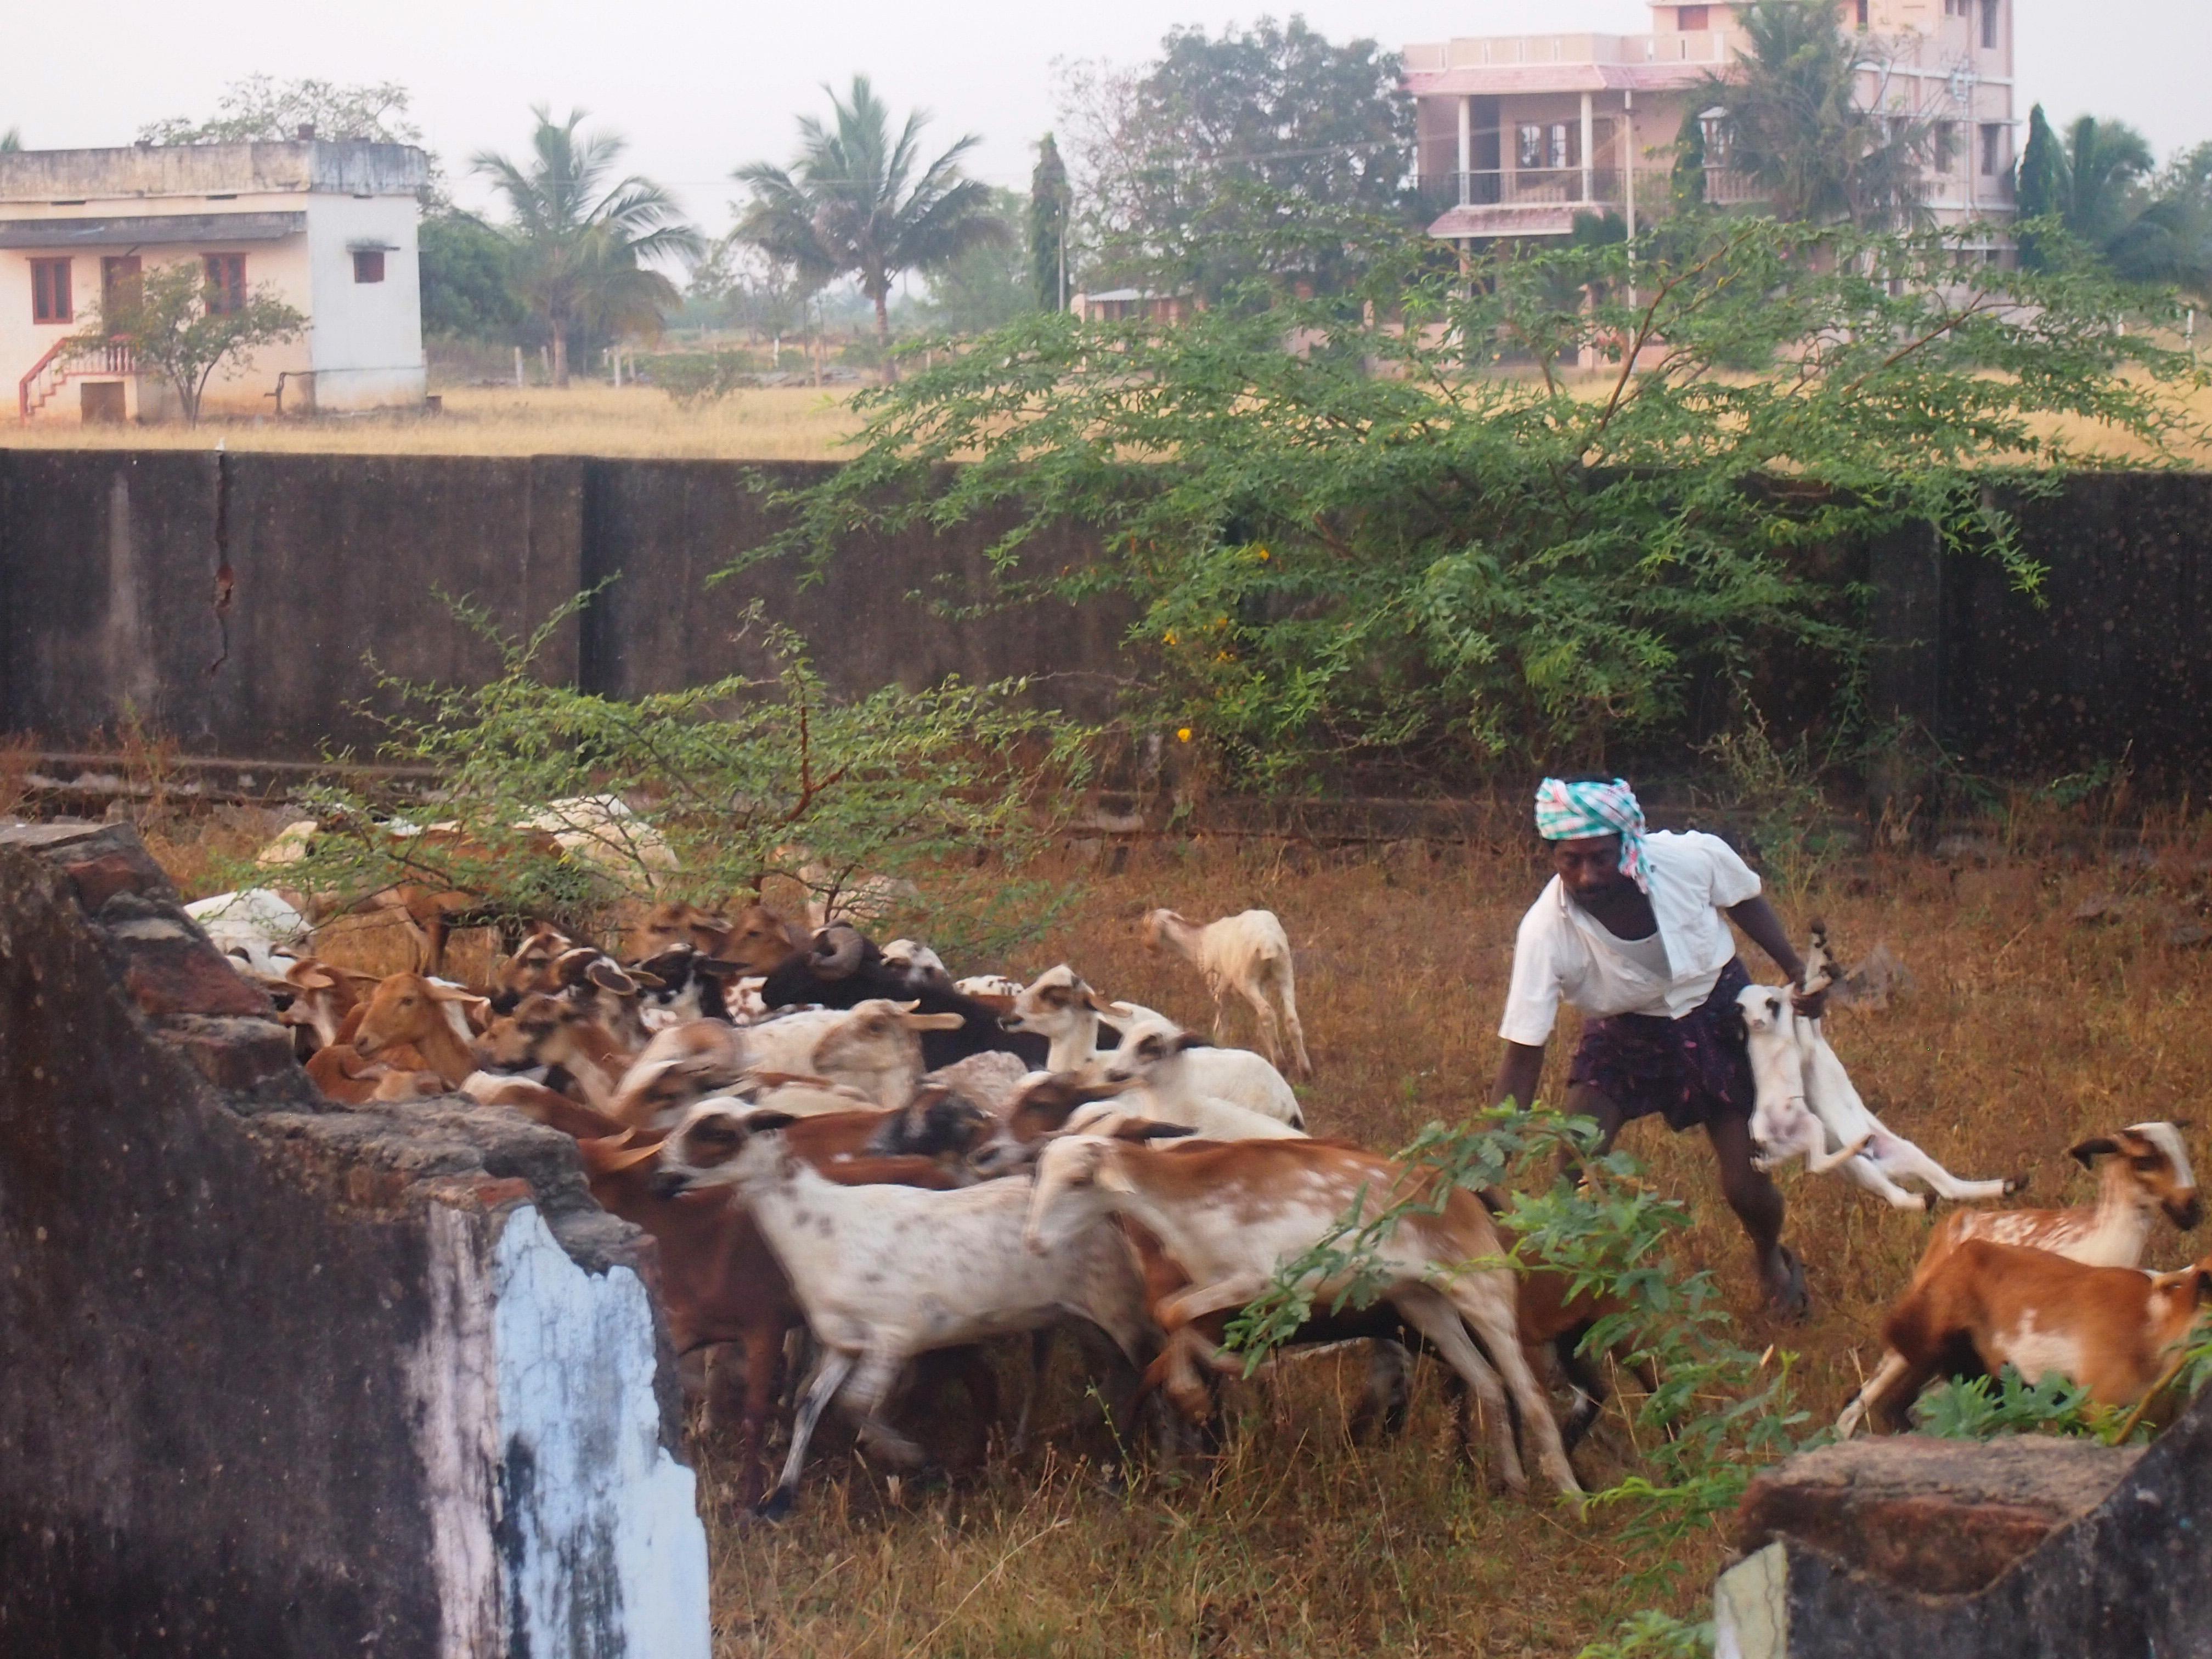 Lammen som är för små för att vandra långa sträckor plockas ur flocken och körs i förväg till nästa lägerplats.Foto; Patrick Wennström